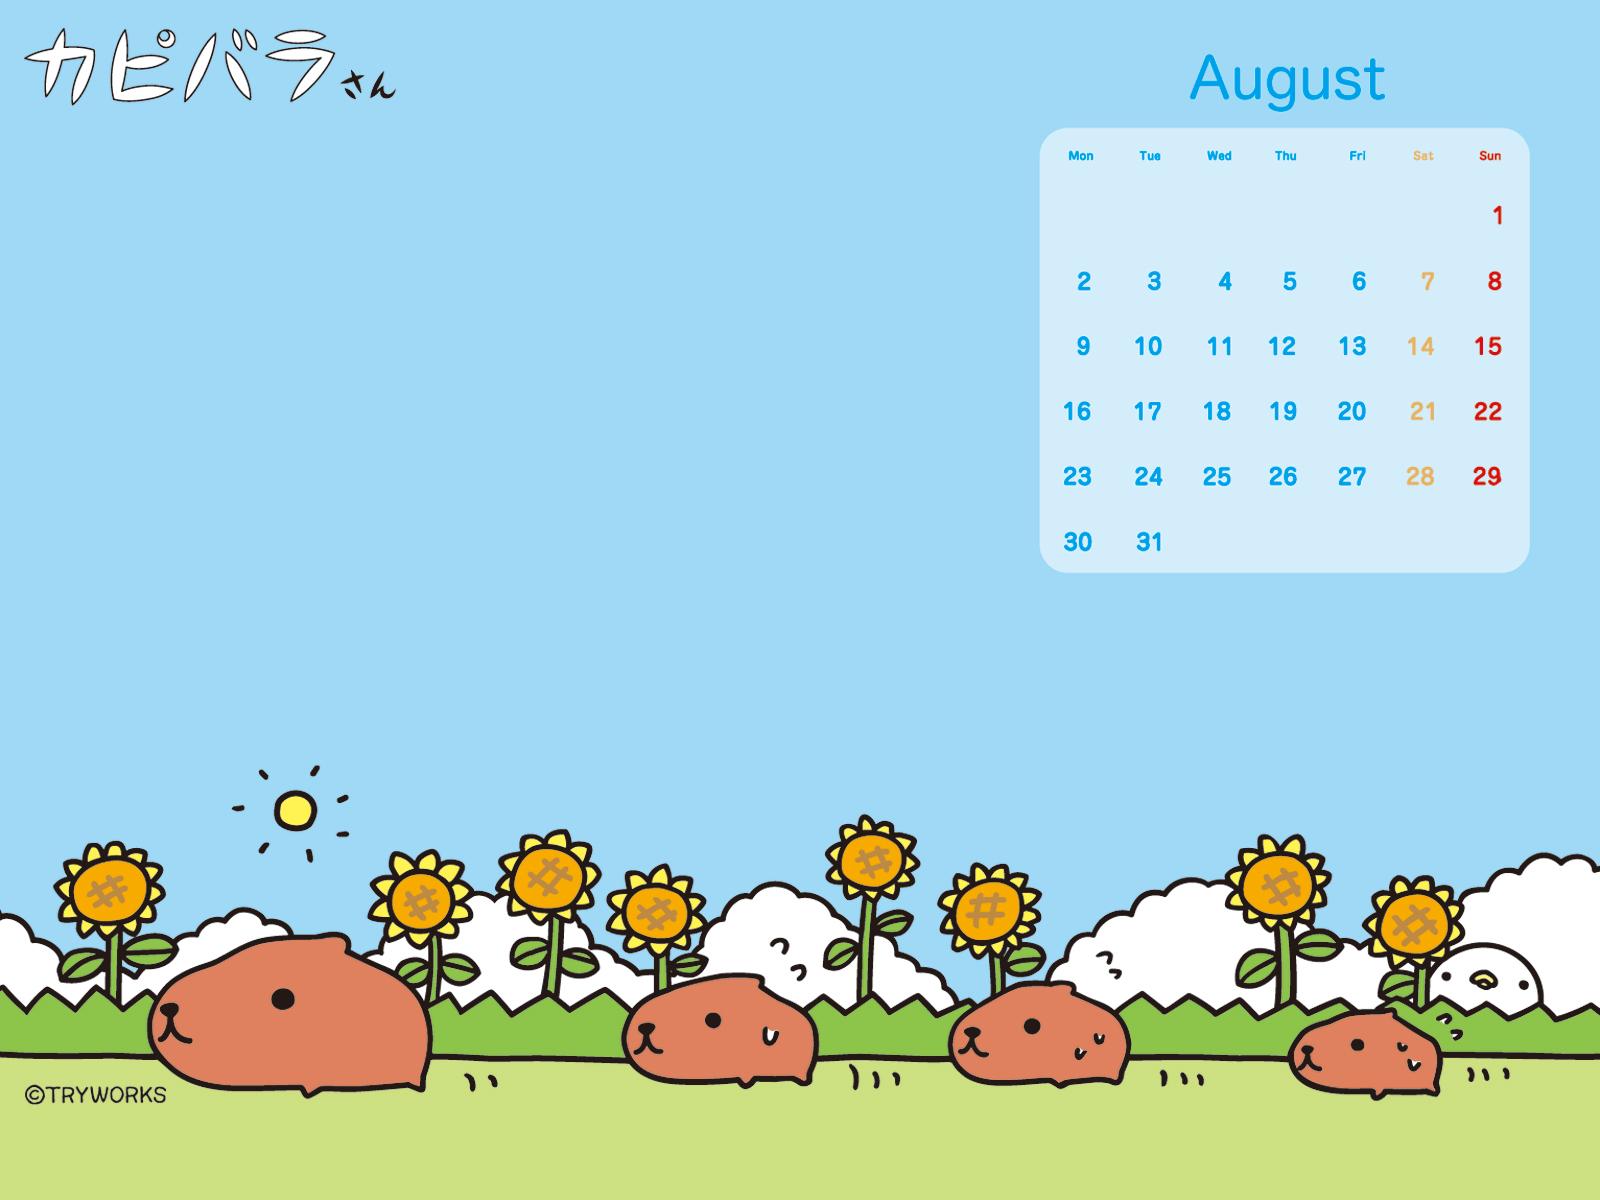 月のカレンダーが付いた壁紙 ... : カレンダー 4月 : カレンダー